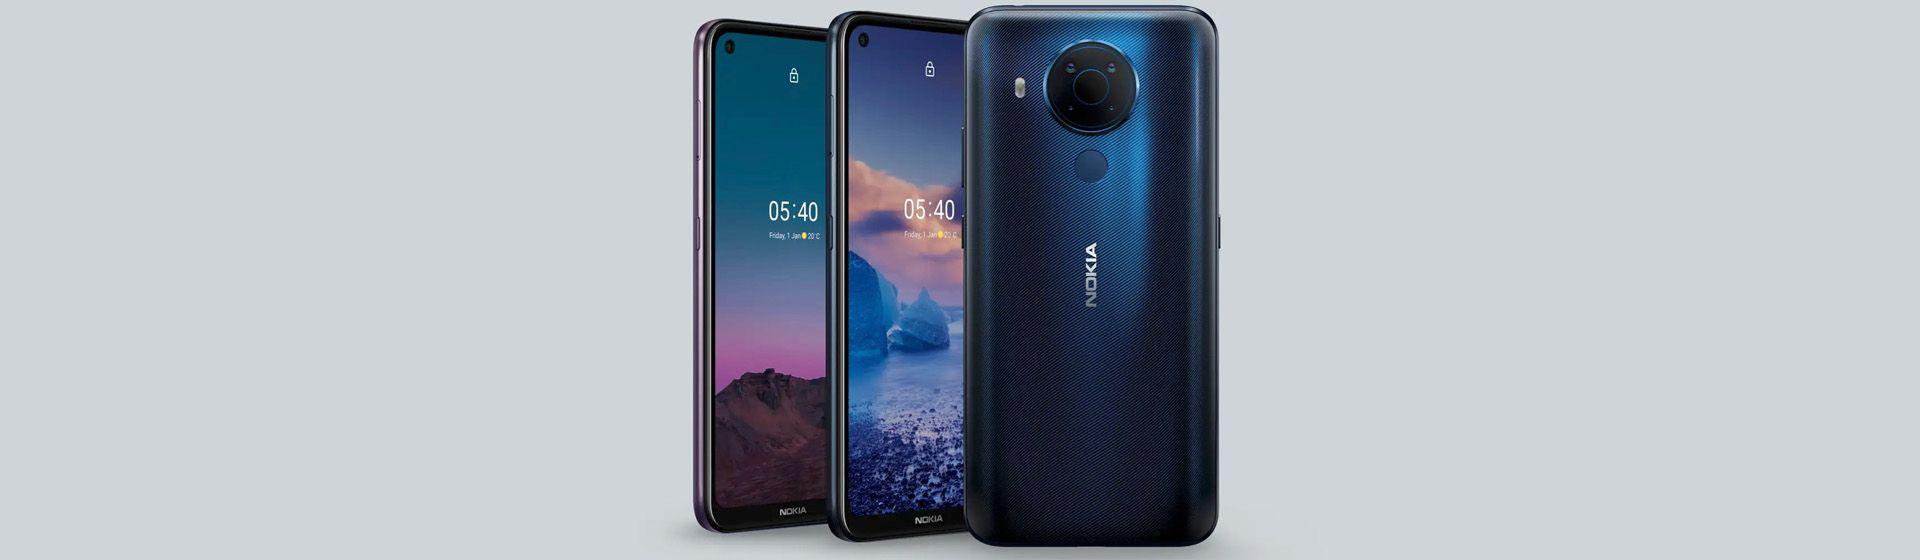 Nokia lança o Nokia 5.4, celular barato com câmera de 48 MP